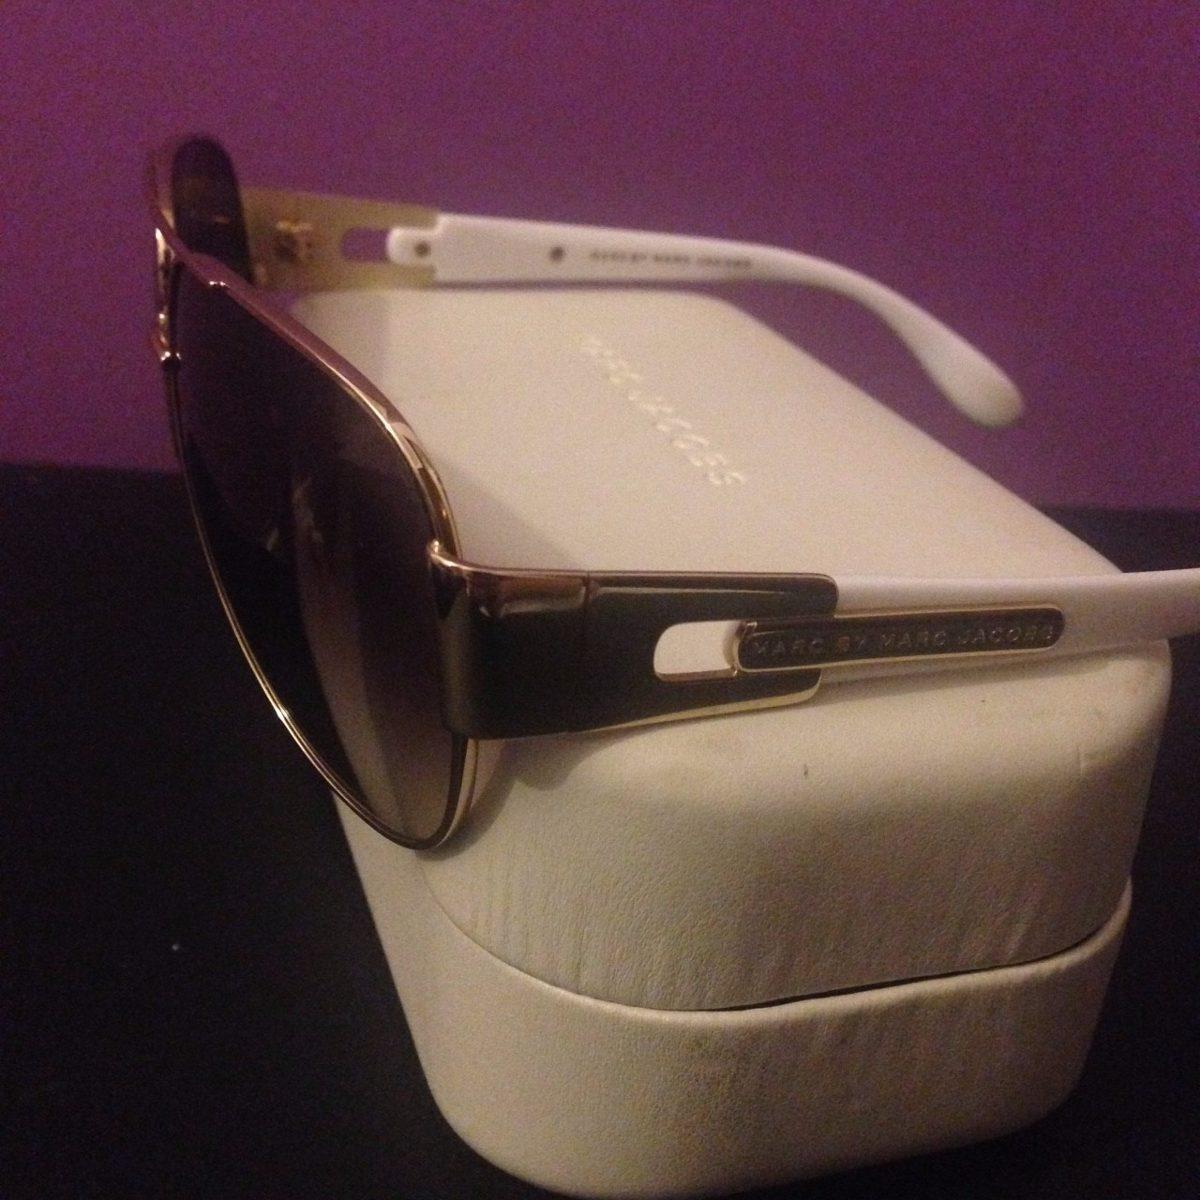 955f4e3b1 Óculos De Sol Marc By Marc Jacobs Dourado/branco 107/s 0j5g - R$ 299 ...